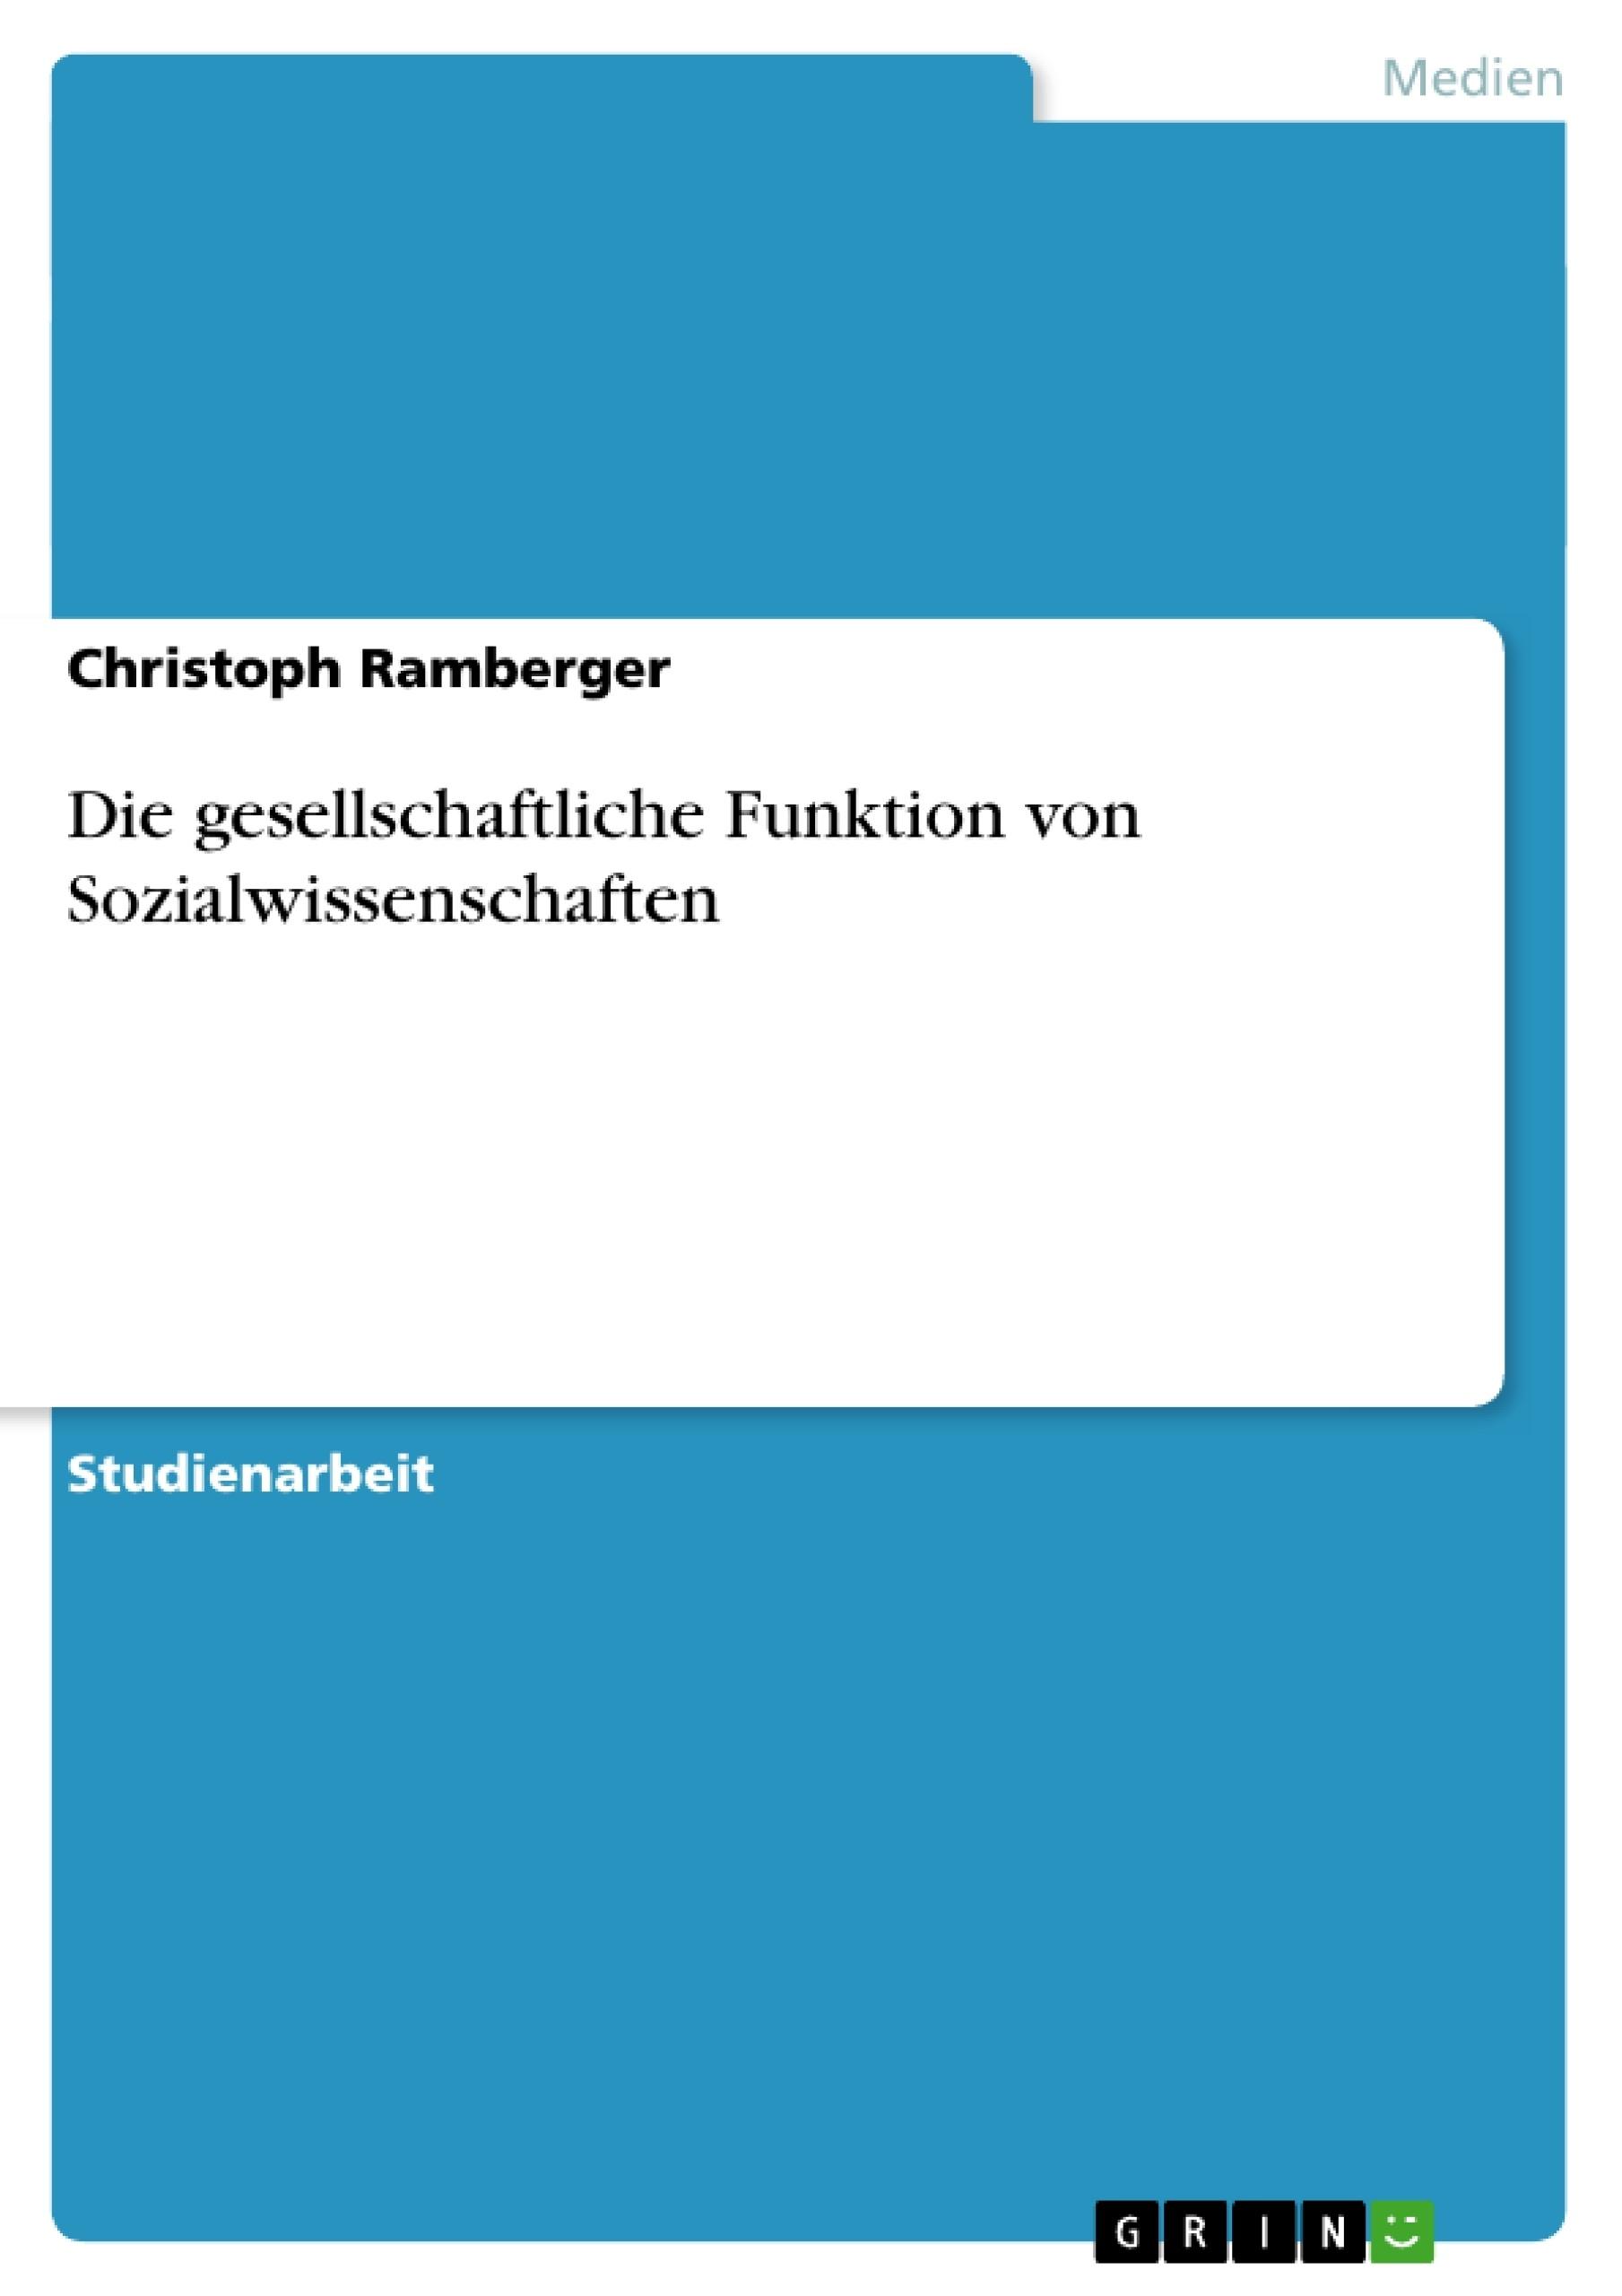 Titel: Die gesellschaftliche Funktion von Sozialwissenschaften